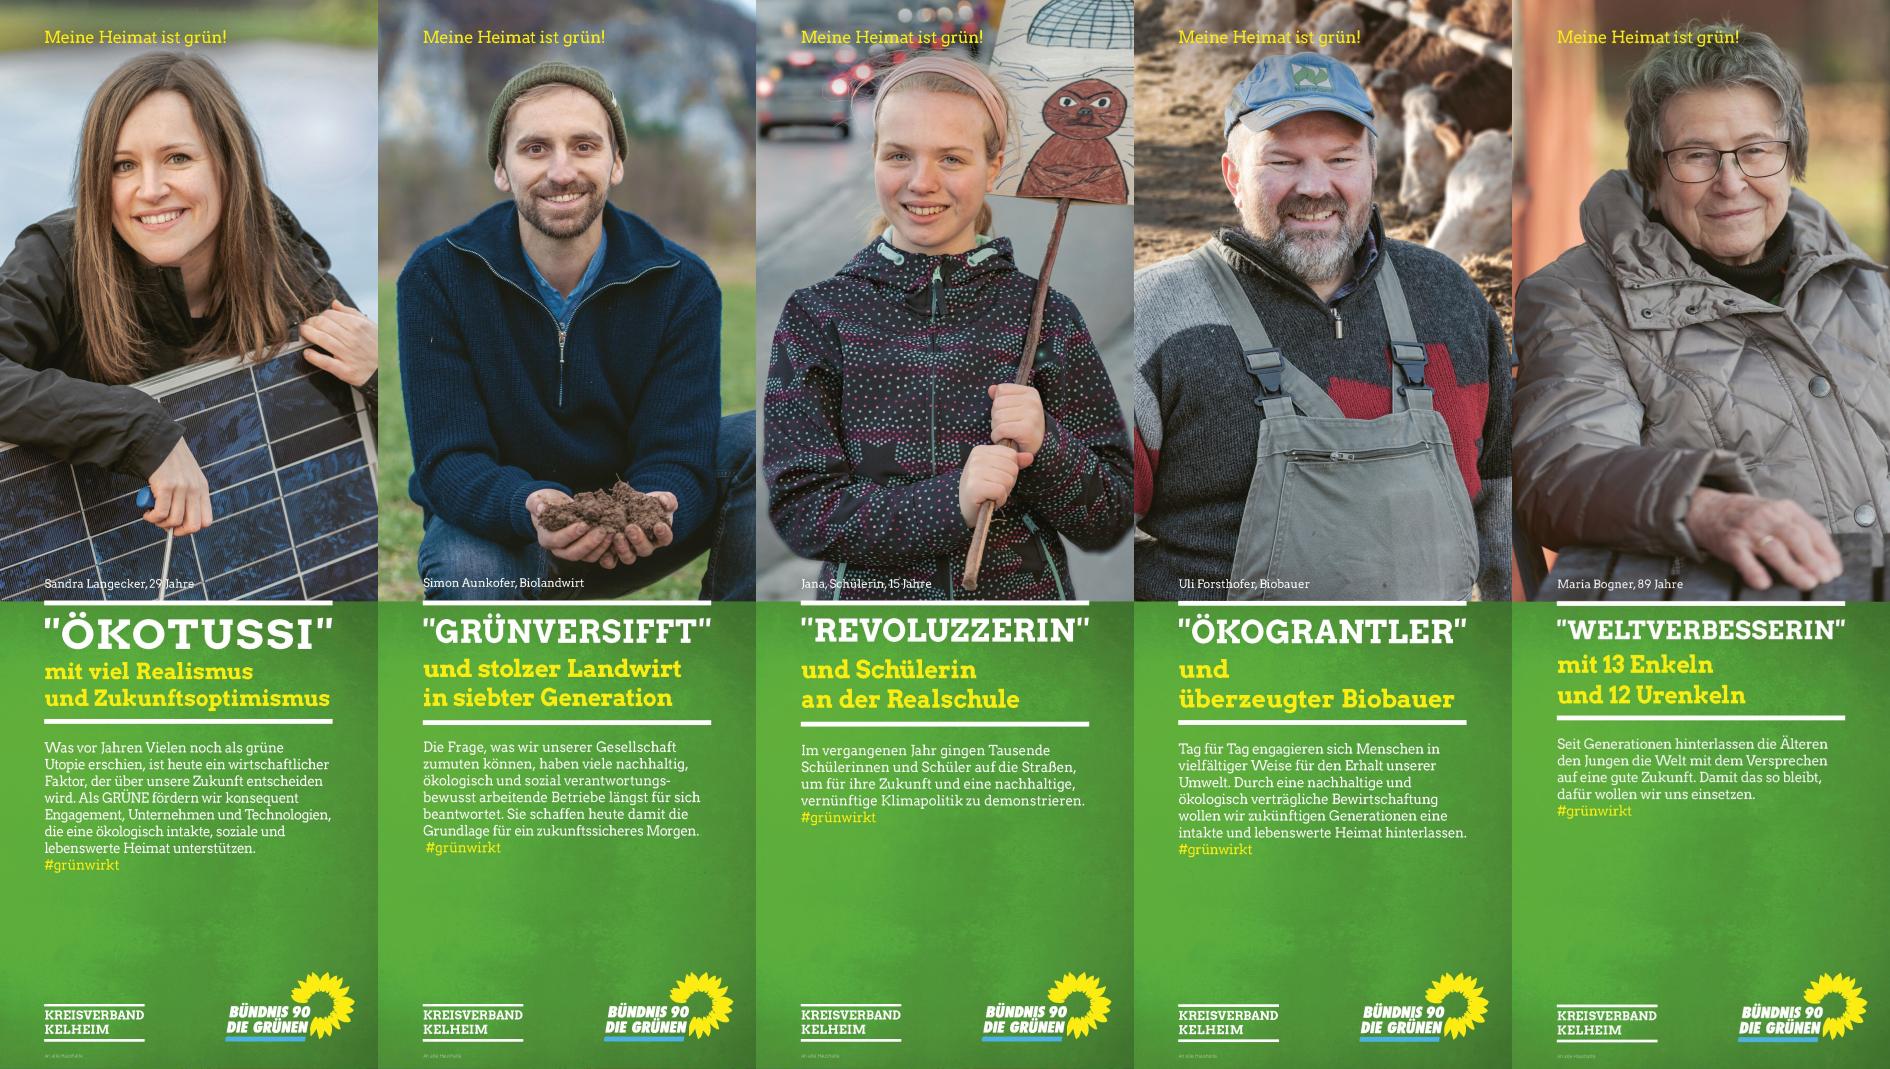 Flyer-Kampagne der GRÜNEN zur Kreistagswahl Kelheim